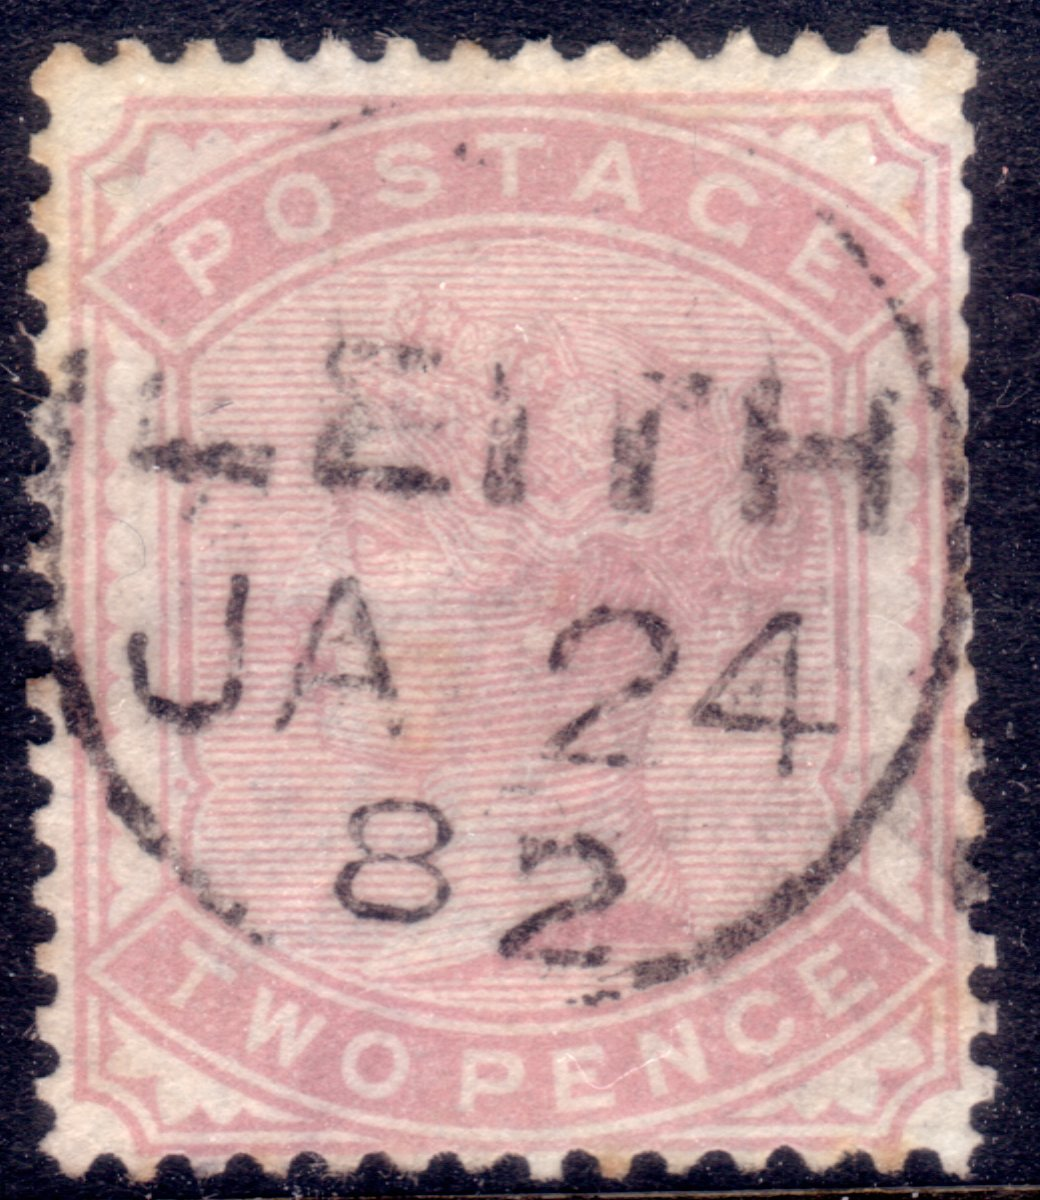 1880 2d Pale Rose Superb Leith CDS